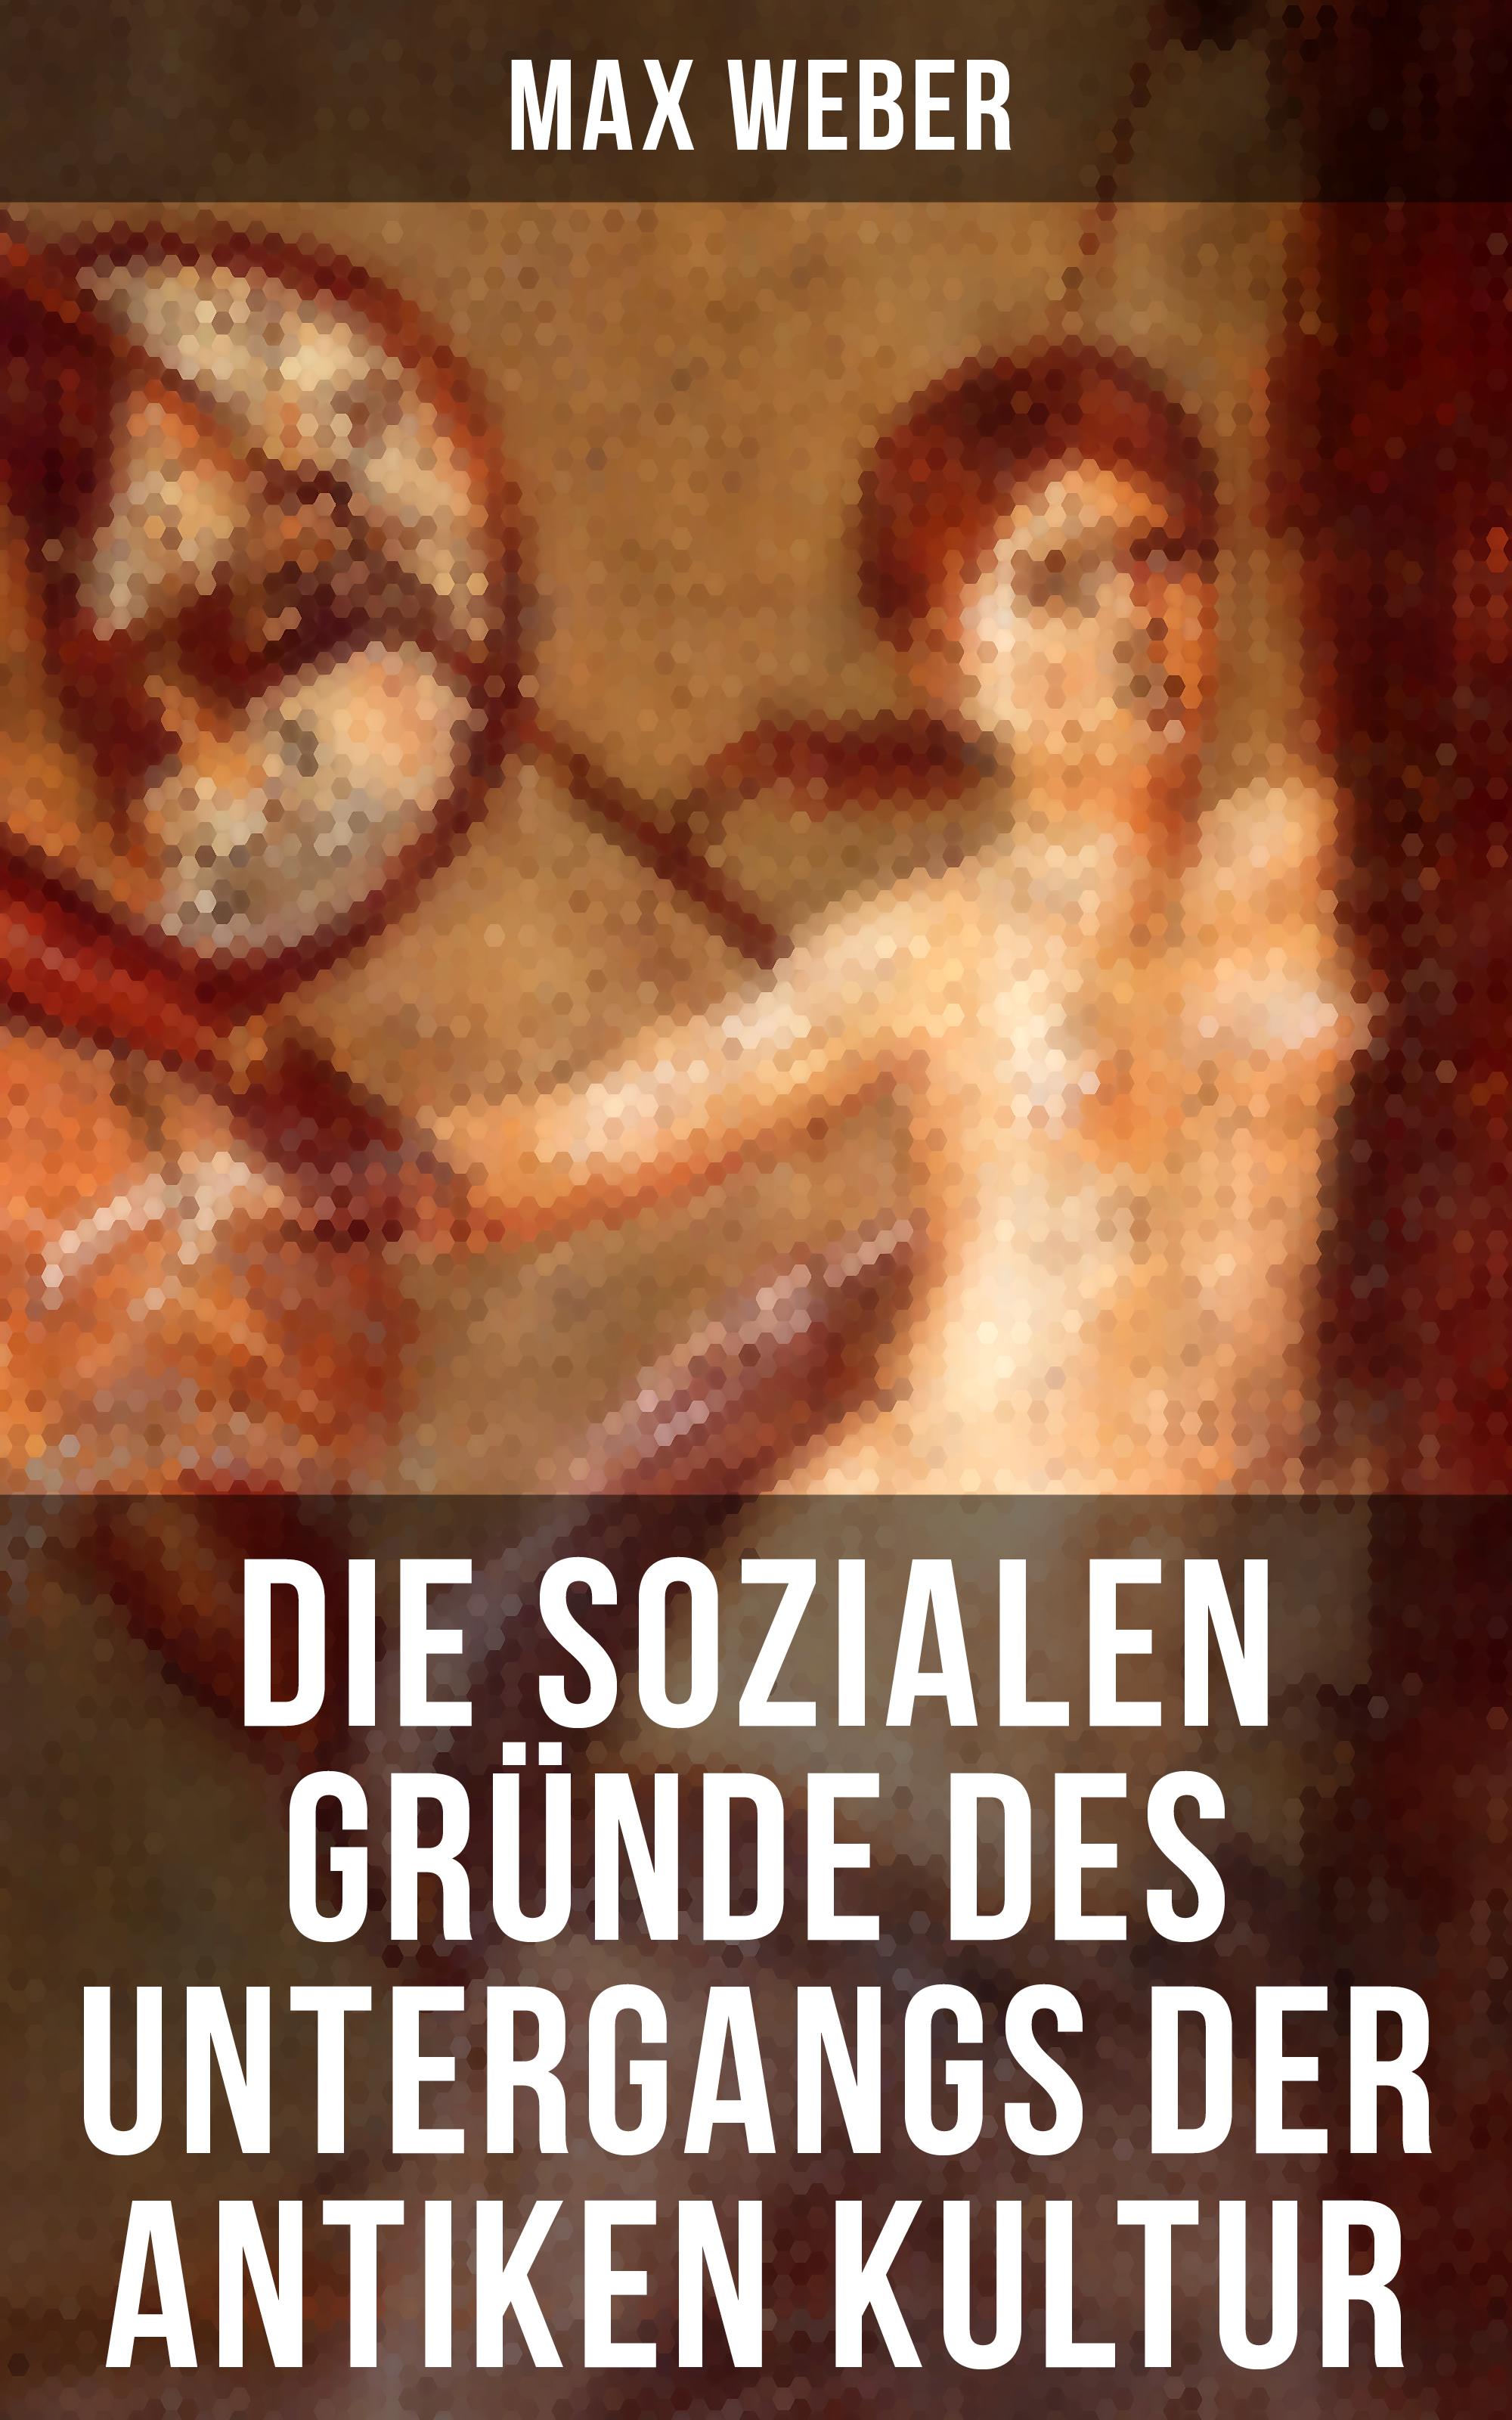 Max Weber Die sozialen Gründe des Untergangs der antiken Kultur